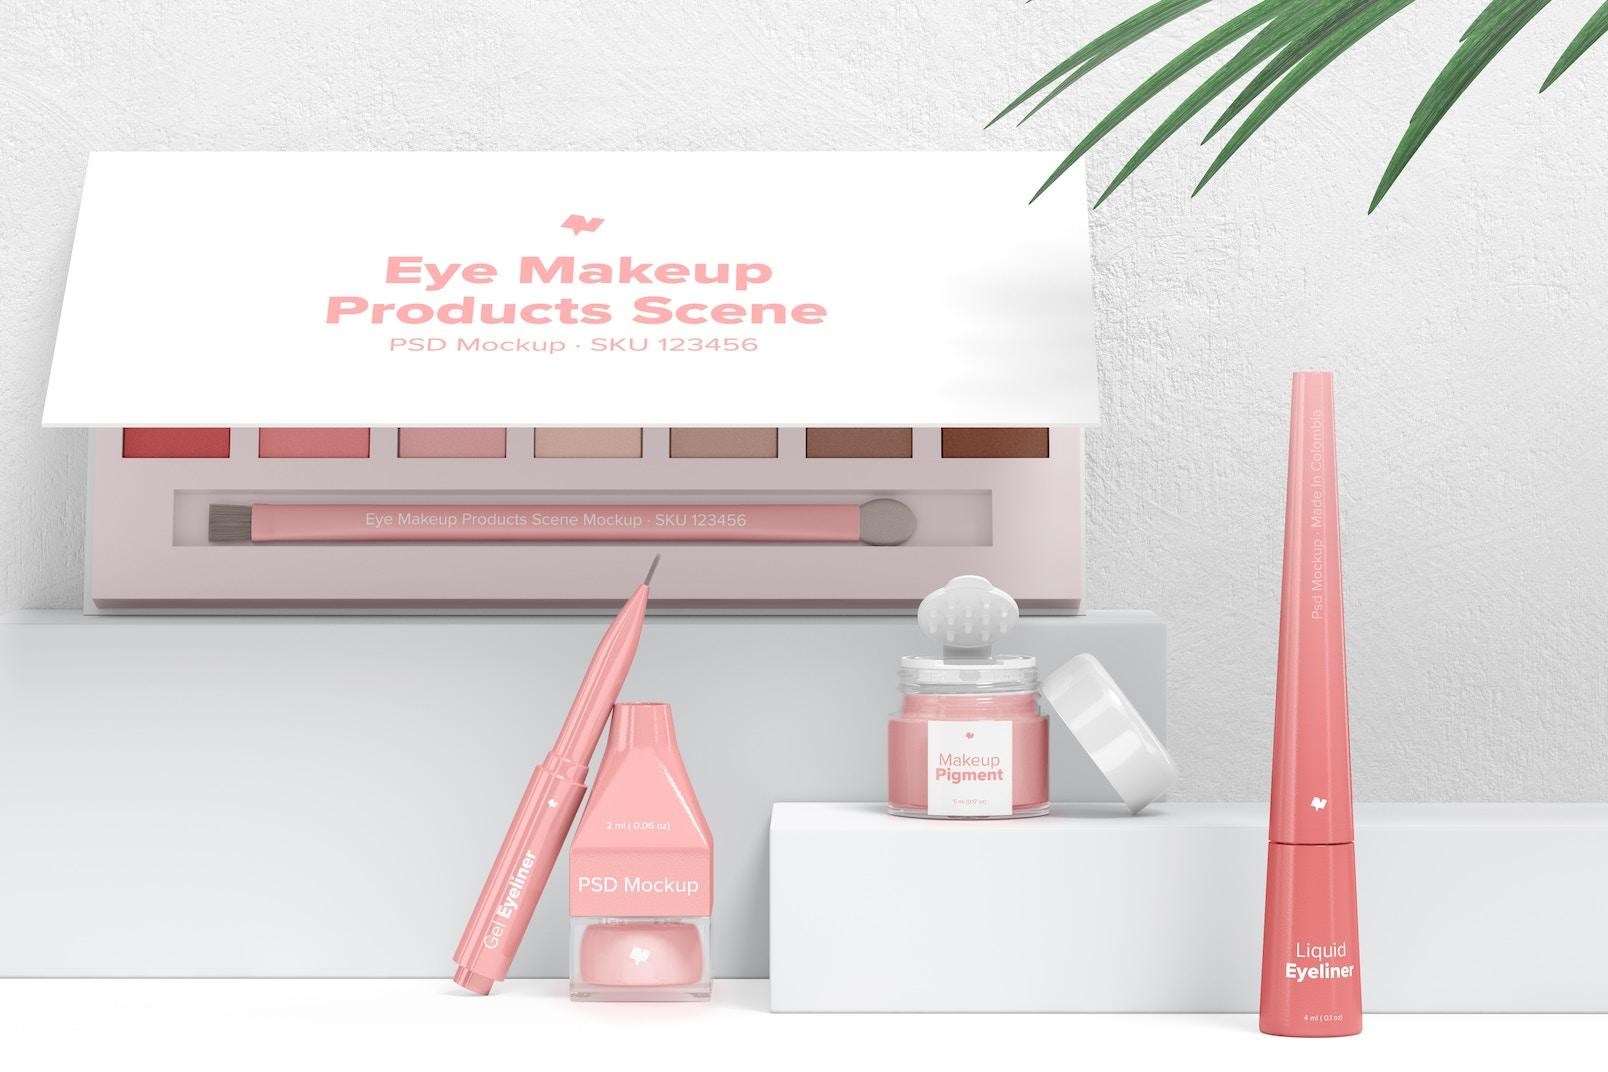 Eye Makeup Products Scene Mockup